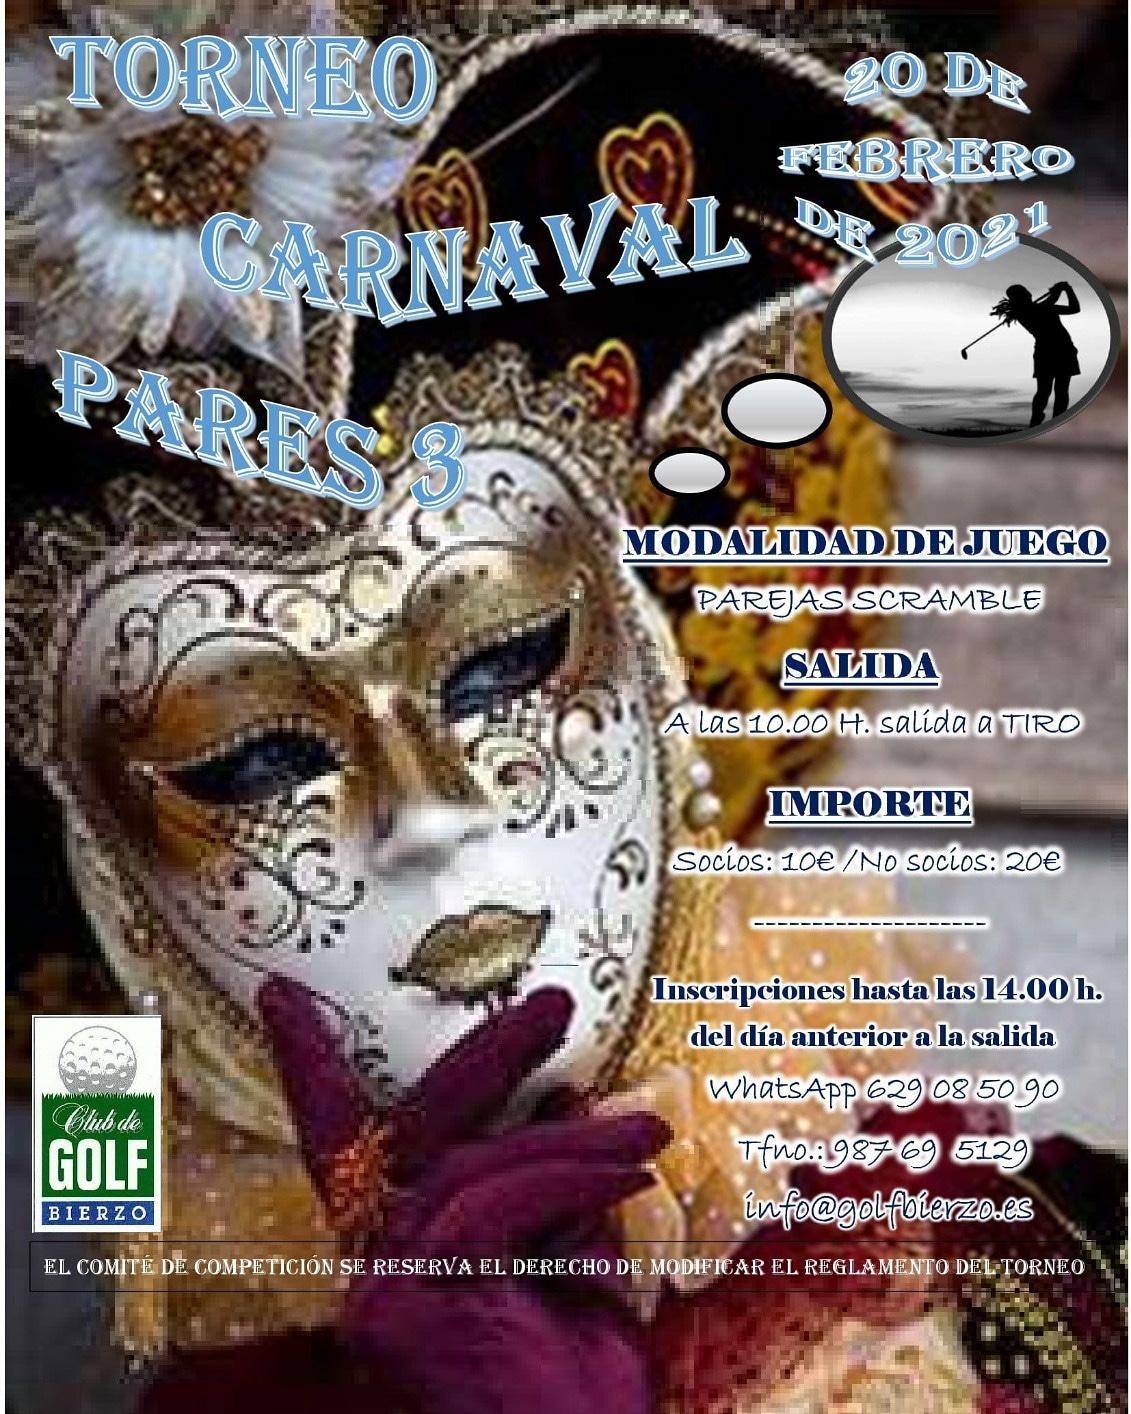 EL Club de Golf Bierzo organiza un torneo de Carnaval este fin de semana 2